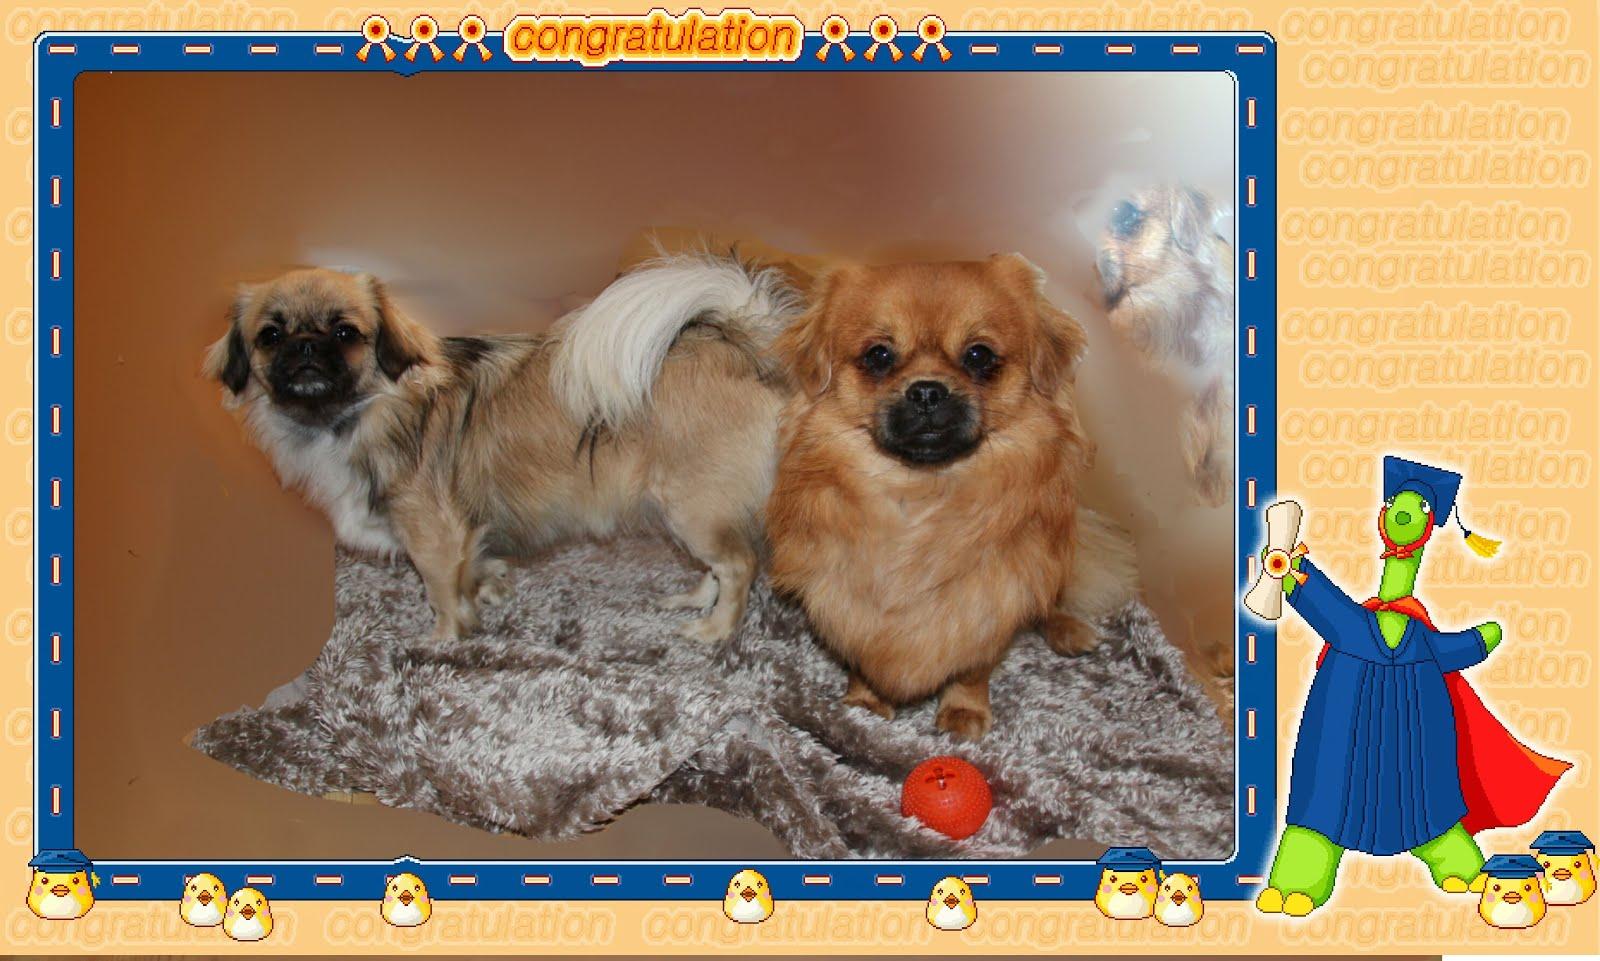 Grattis med 1 årsdagen, Roxy og Reodor.